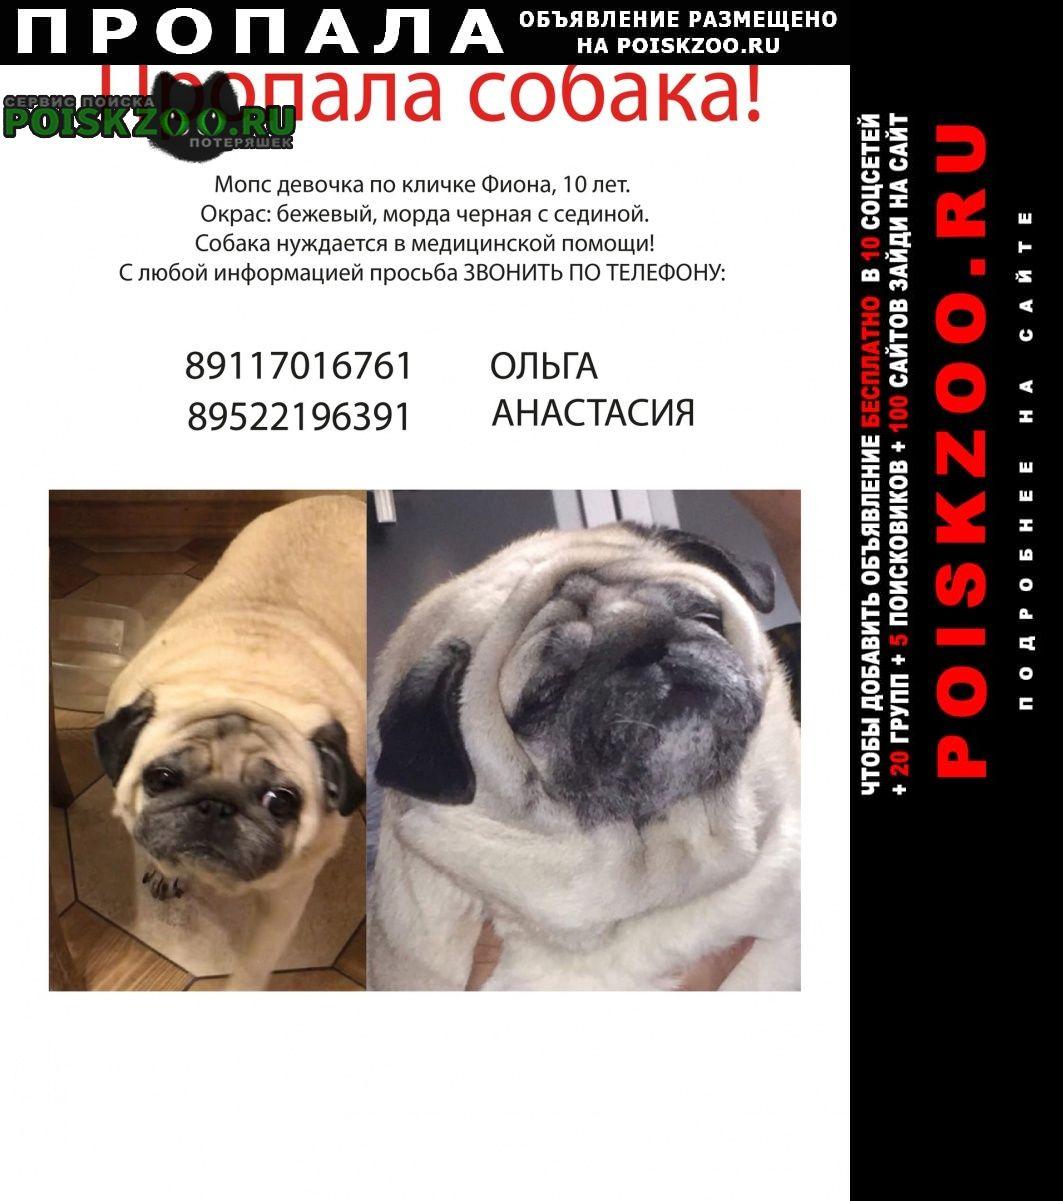 Пропала собака ночью 1.03 в красносельский р-не Санкт-Петербург